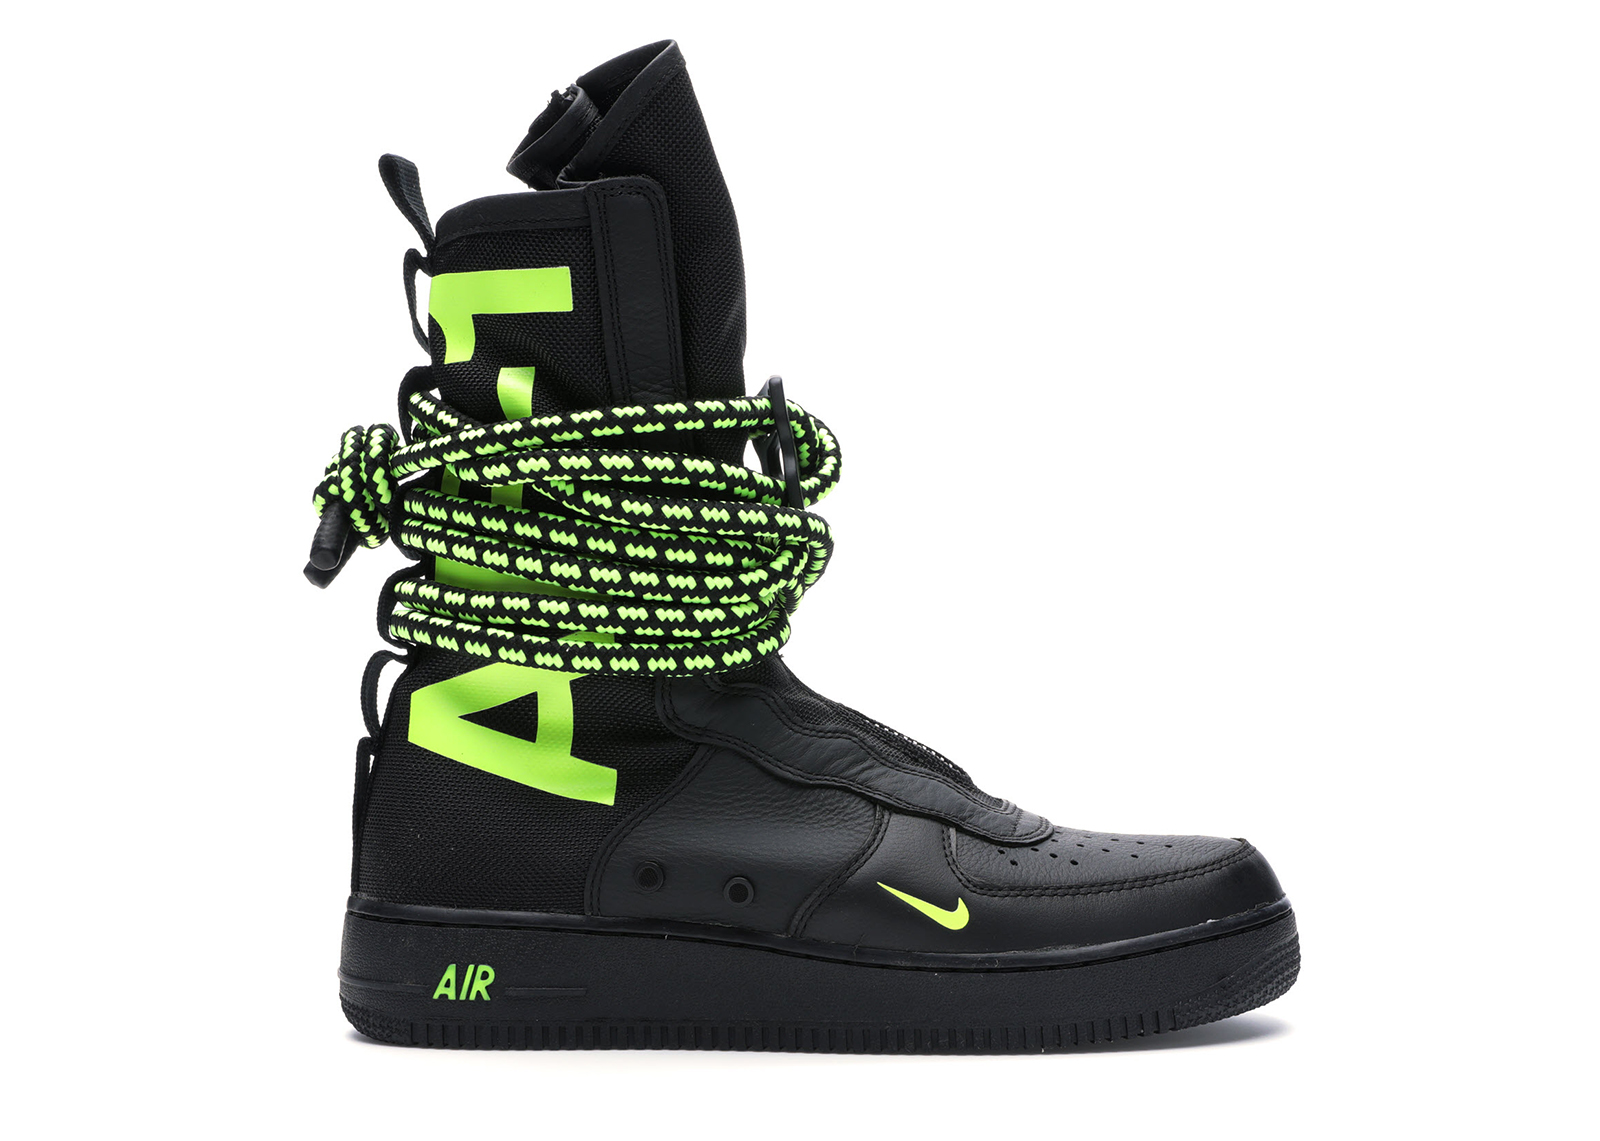 Nike SF Air Force 1 High Black Volt